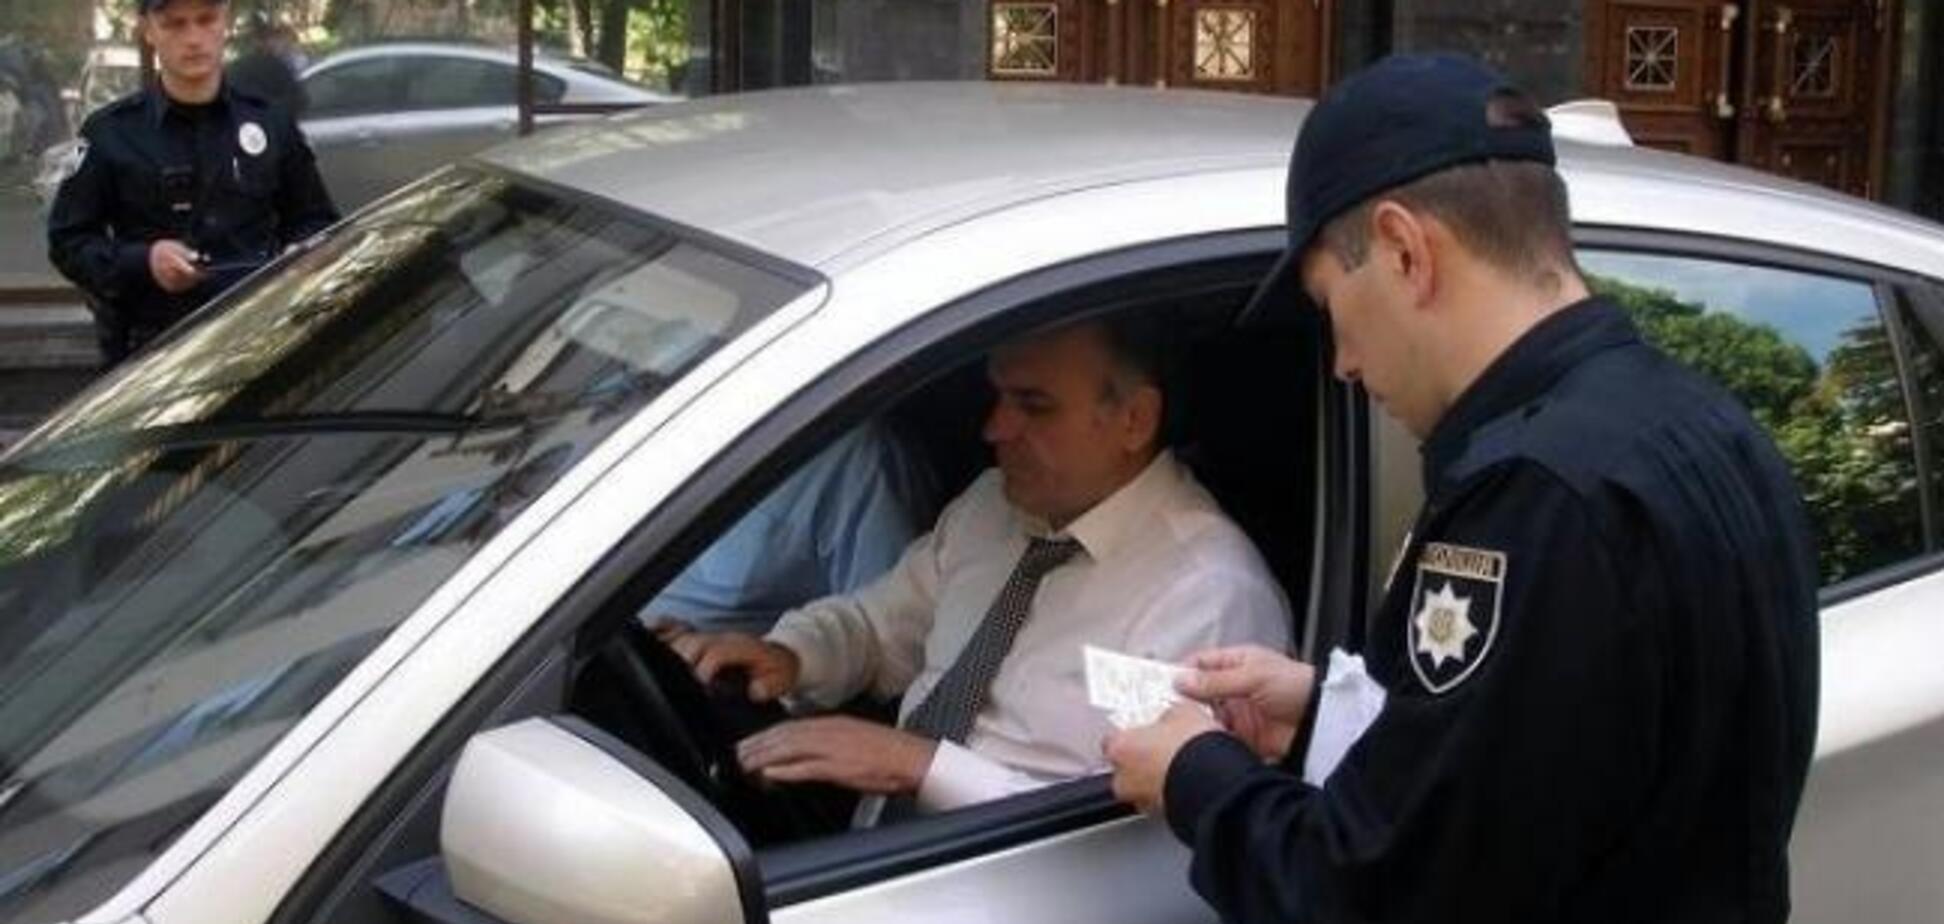 Непредъявление водительских прав нельзя считать злостным неповиновением — Суд